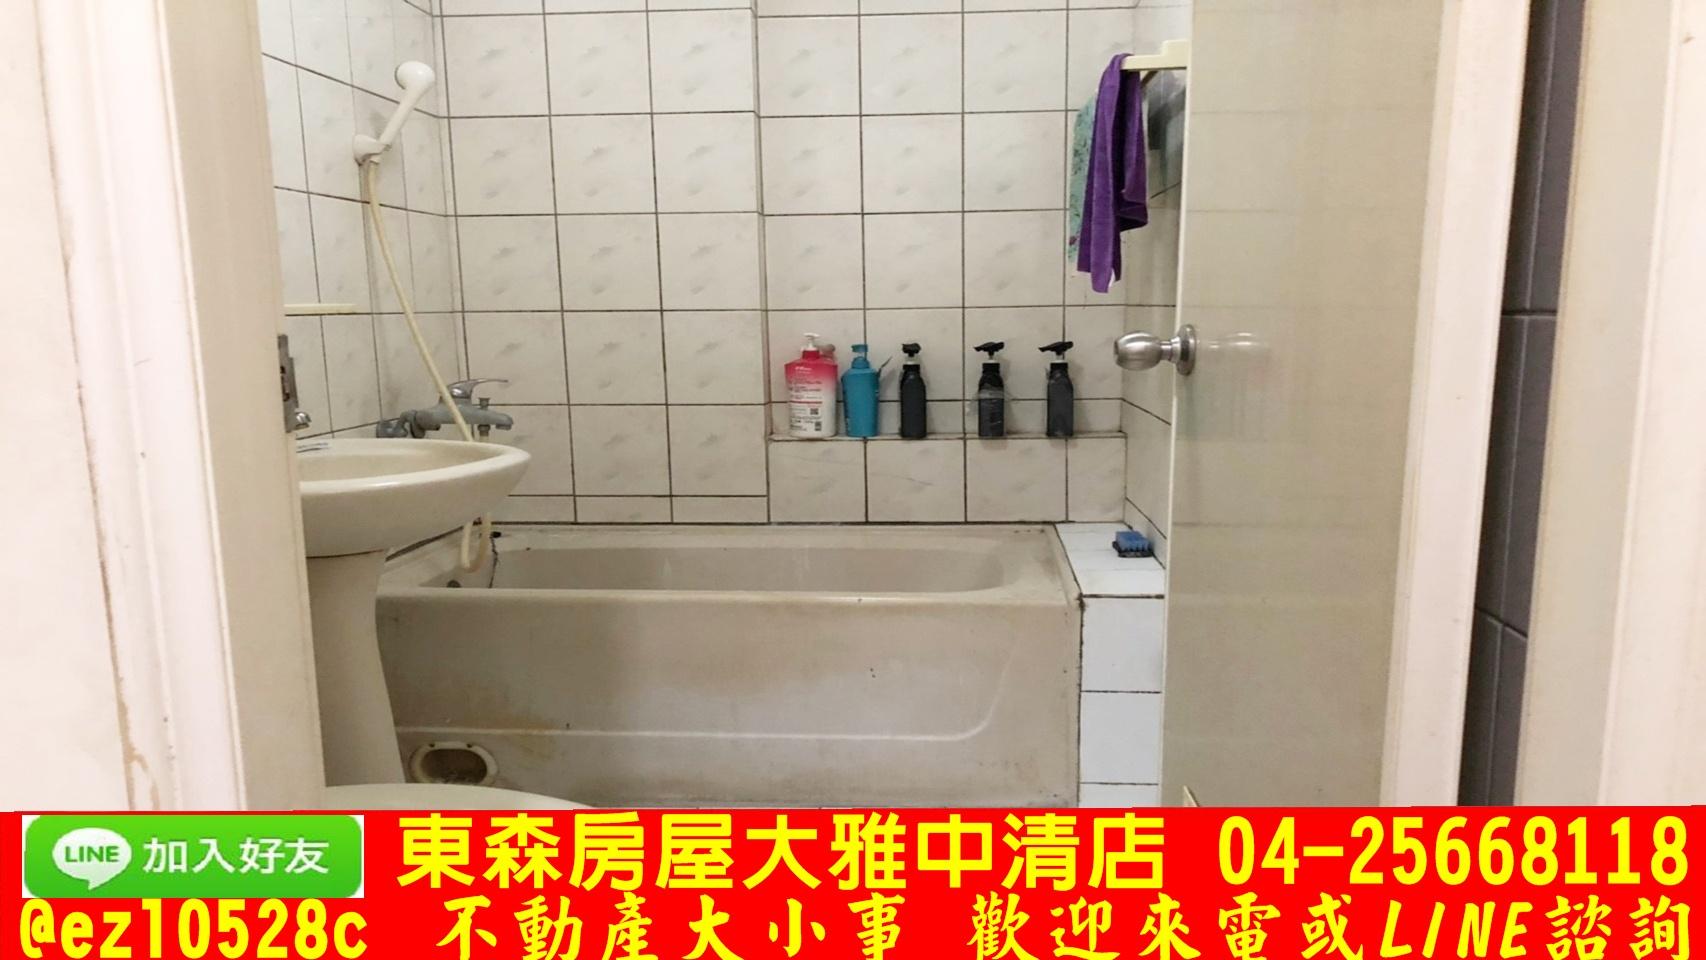 東森房屋大雅中清店-學區收租透天.